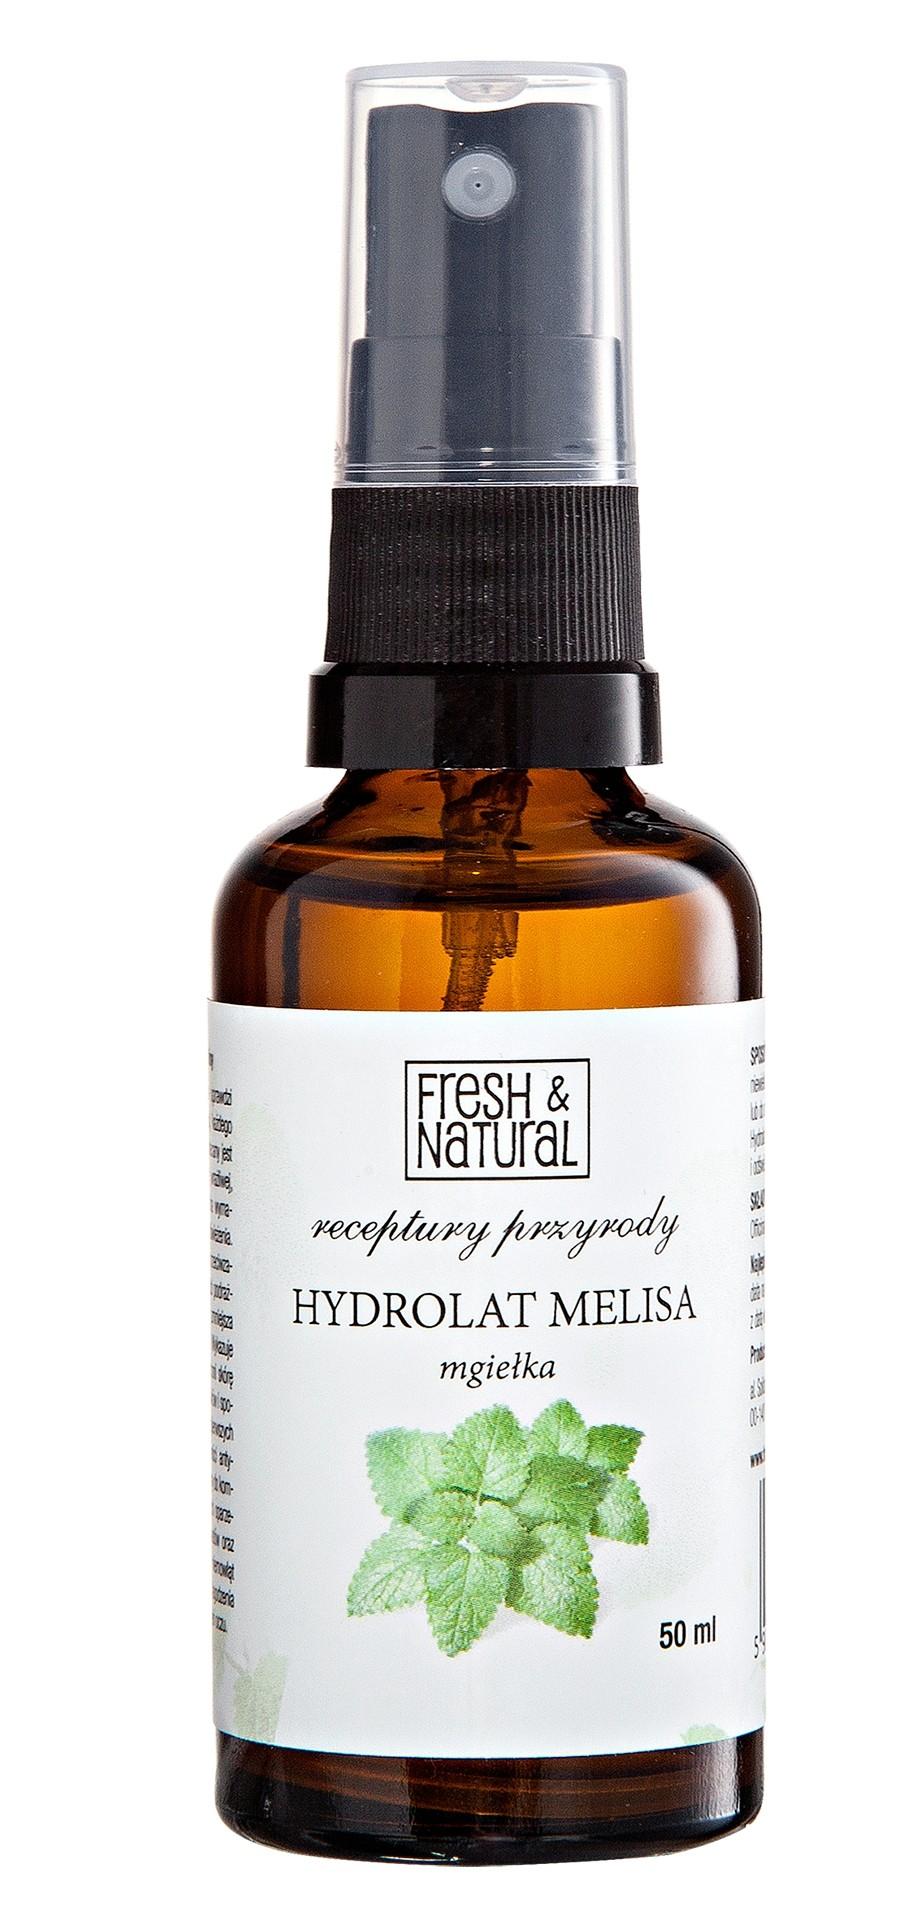 HYDROLAT MELISA Mgiełka 50ml